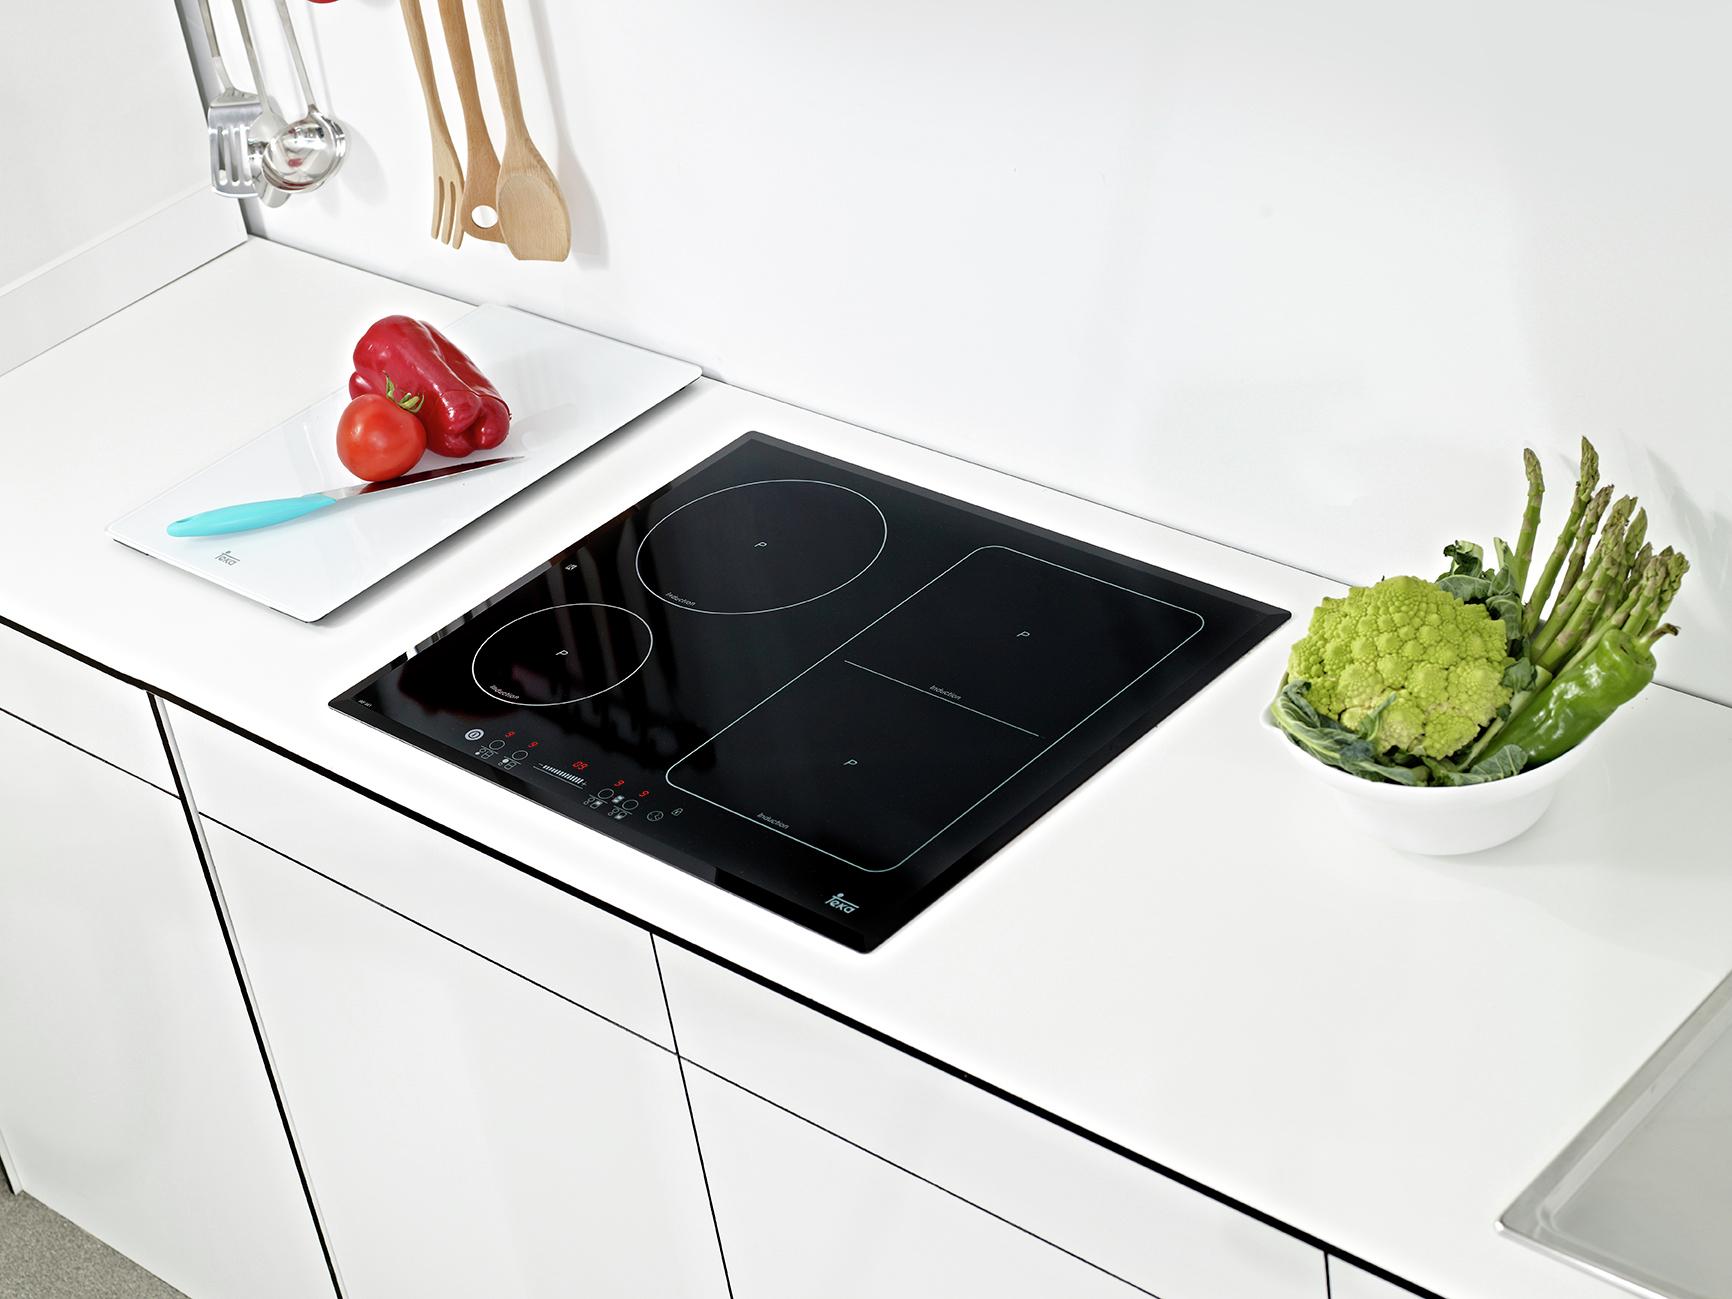 Galer a de materiales cocinas encimeras 6 - Materiales para encimeras ...